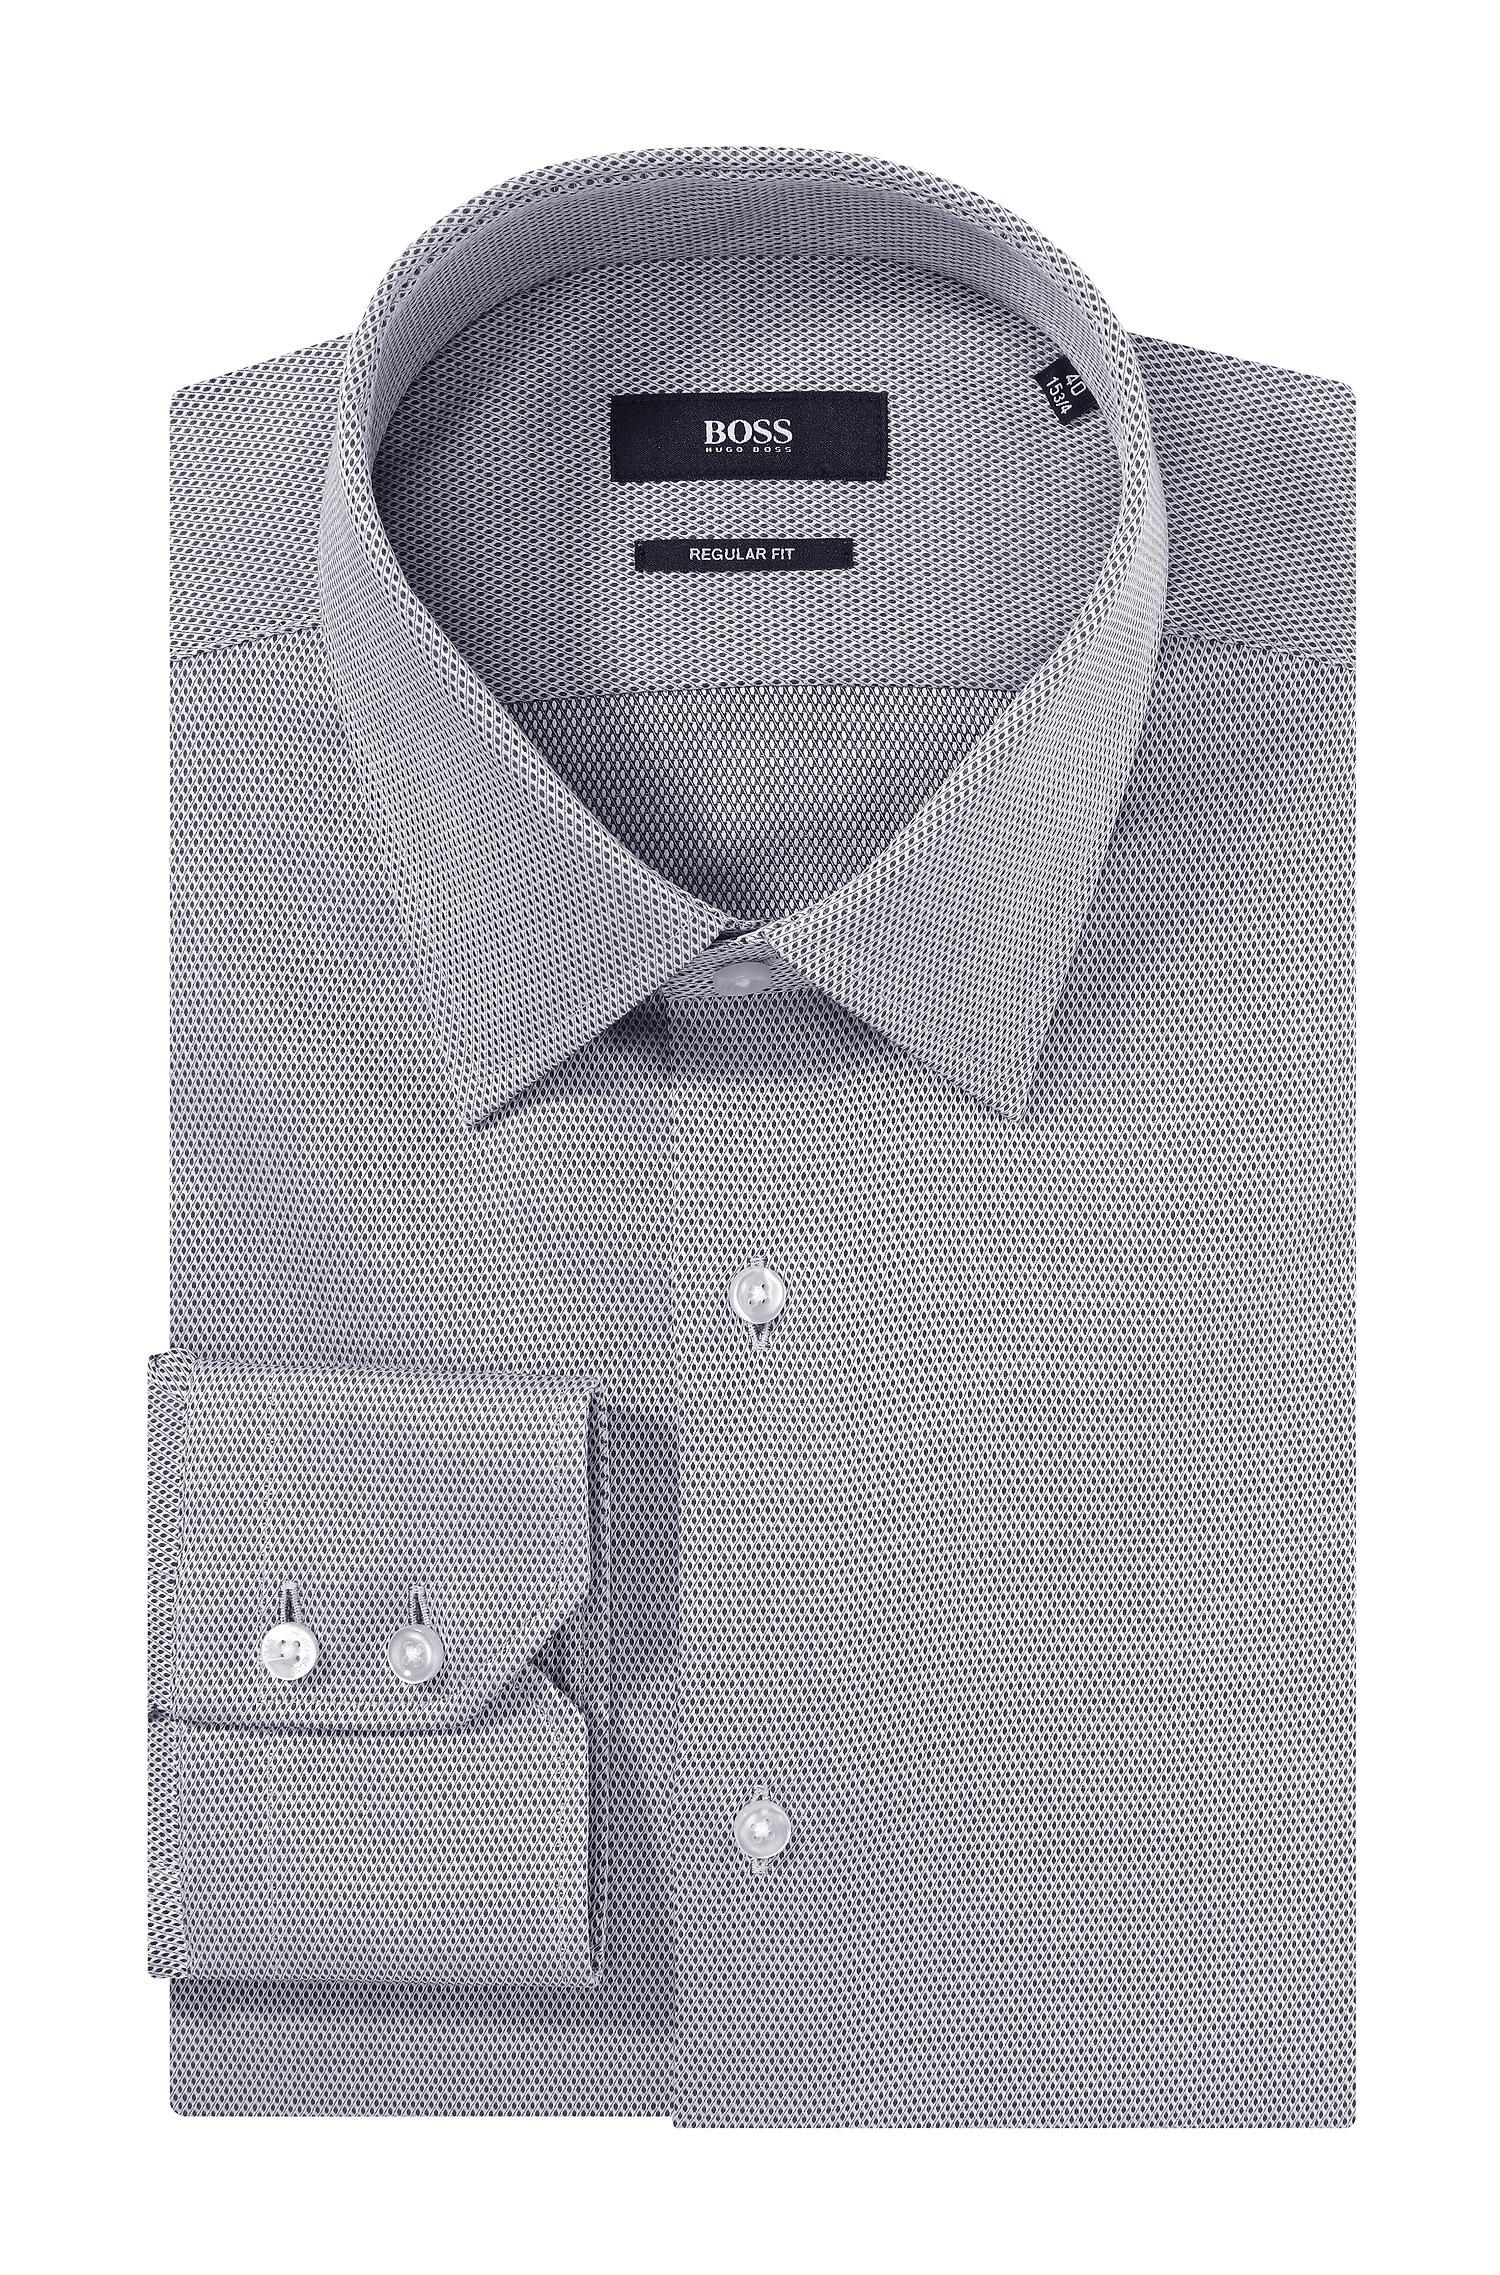 Lyst boss jason fine jacquard shirt in gray for men for Hugo boss jason shirt